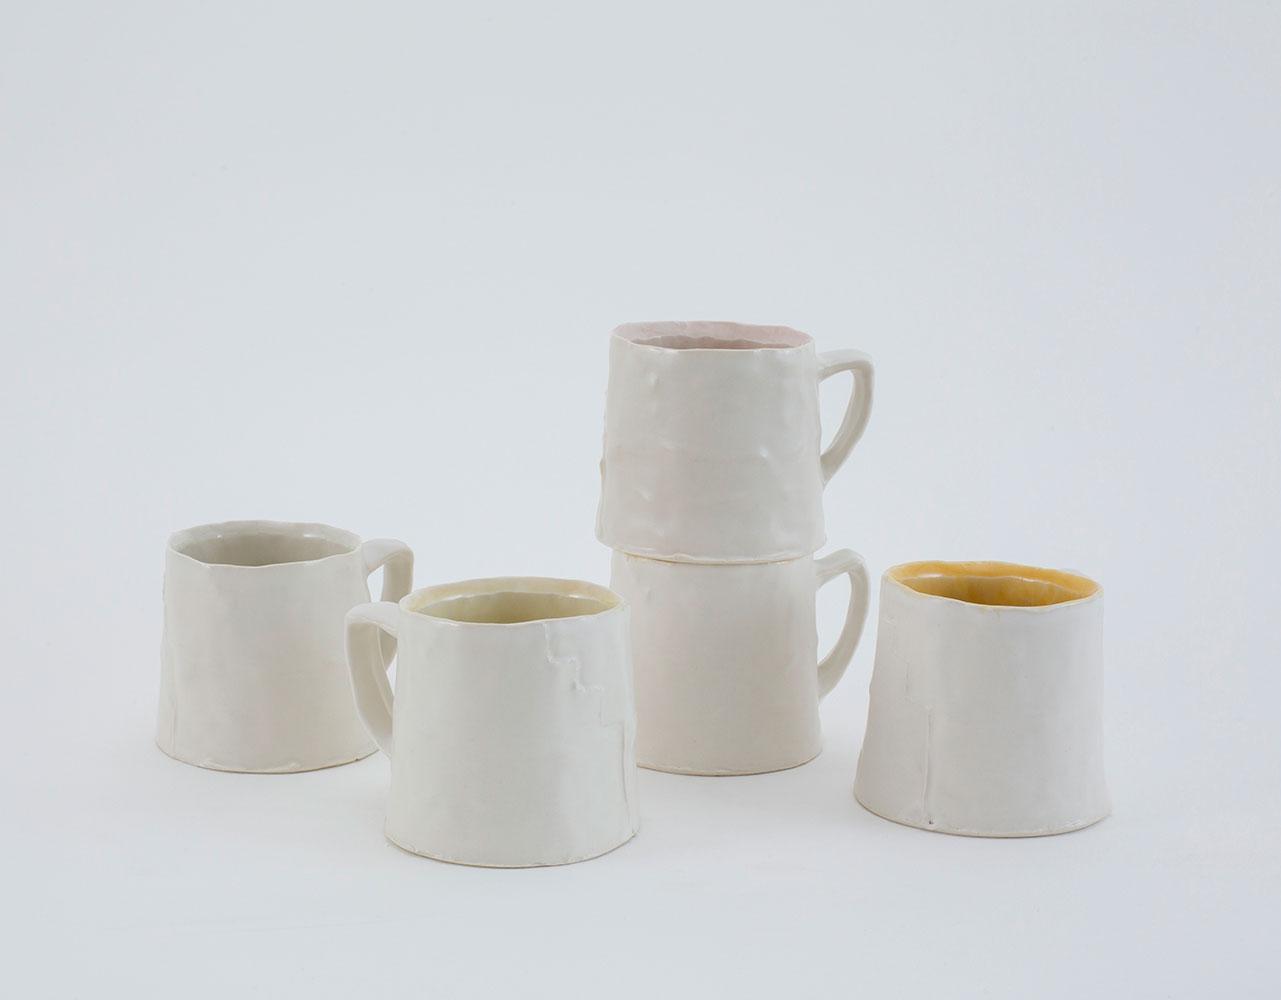 Roberta Massuch, ceramics, Philadelphia